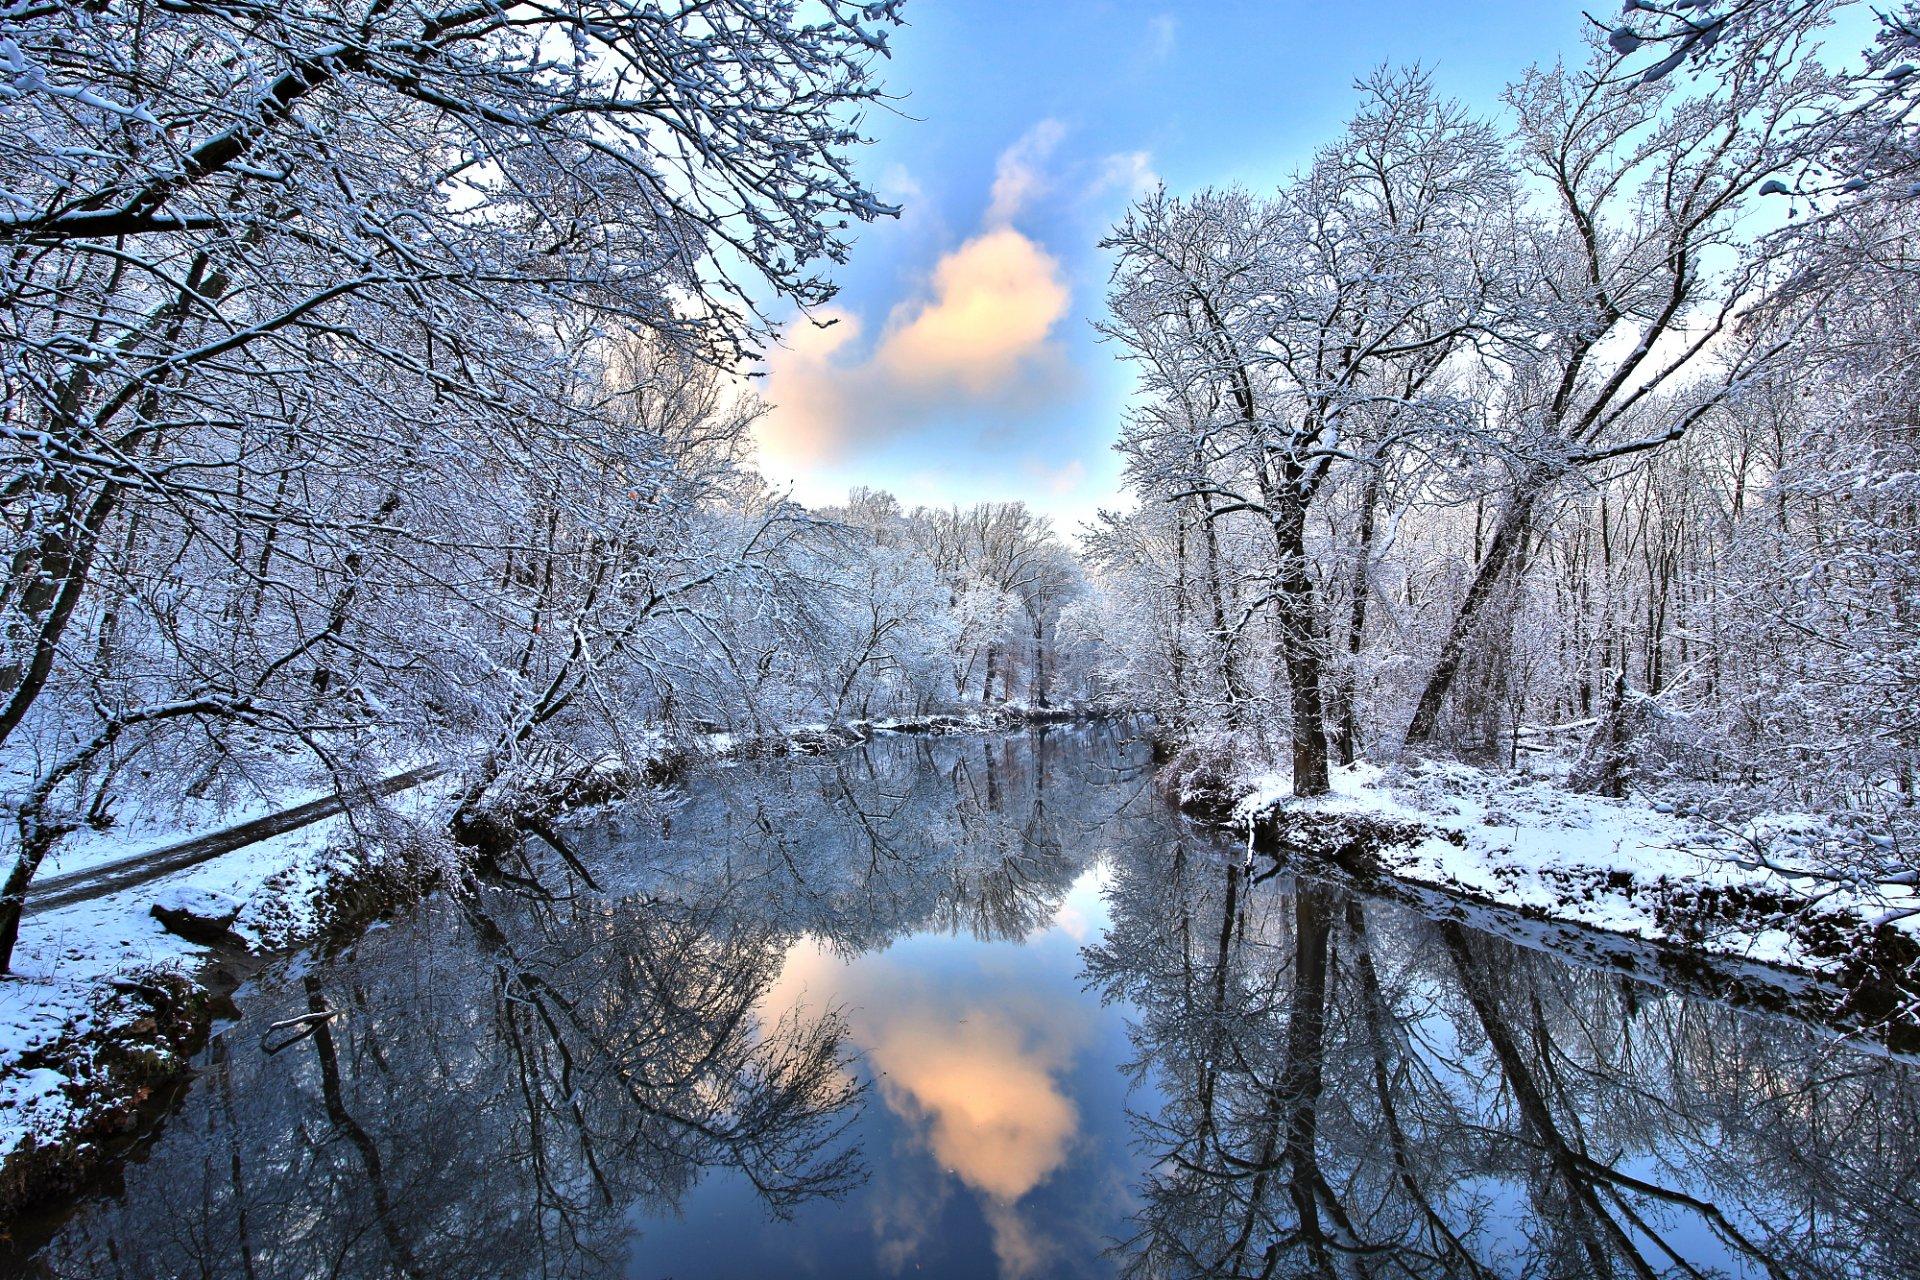 необходимости сделаем картинки на телефон зима весна его можно